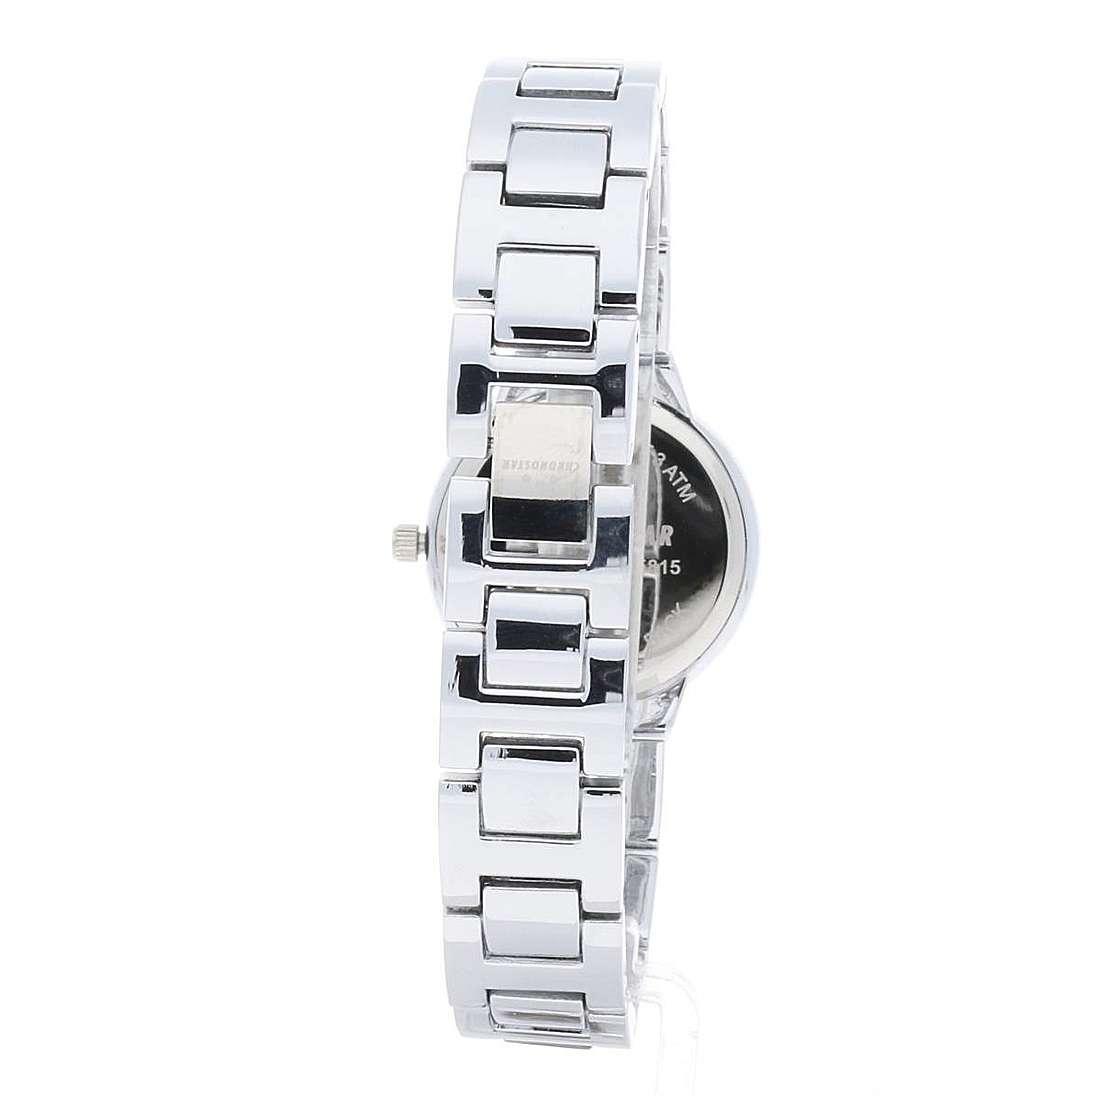 novità orologi donna Chronostar R3753247502